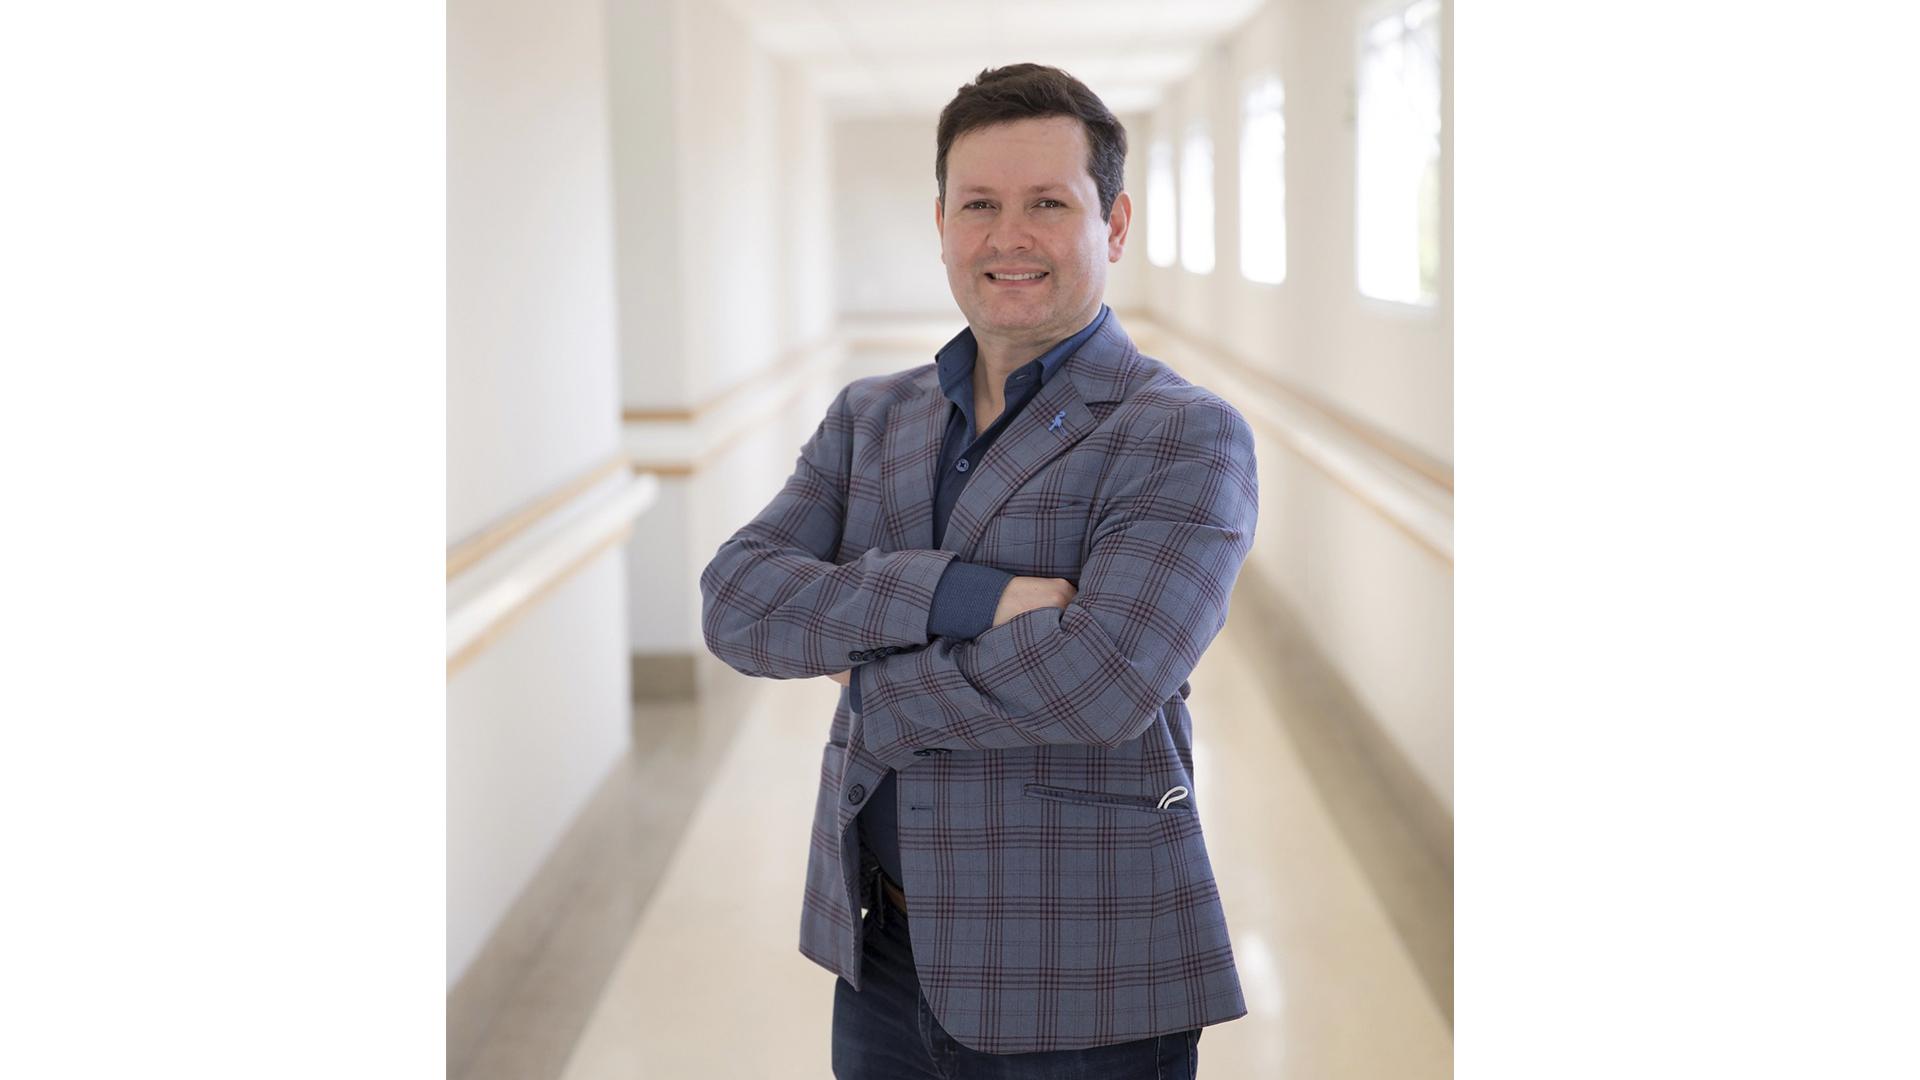 Formado pela Universidade Federal de Juiz de Fora, o médico acumula prêmios e participações em programas de televisão.